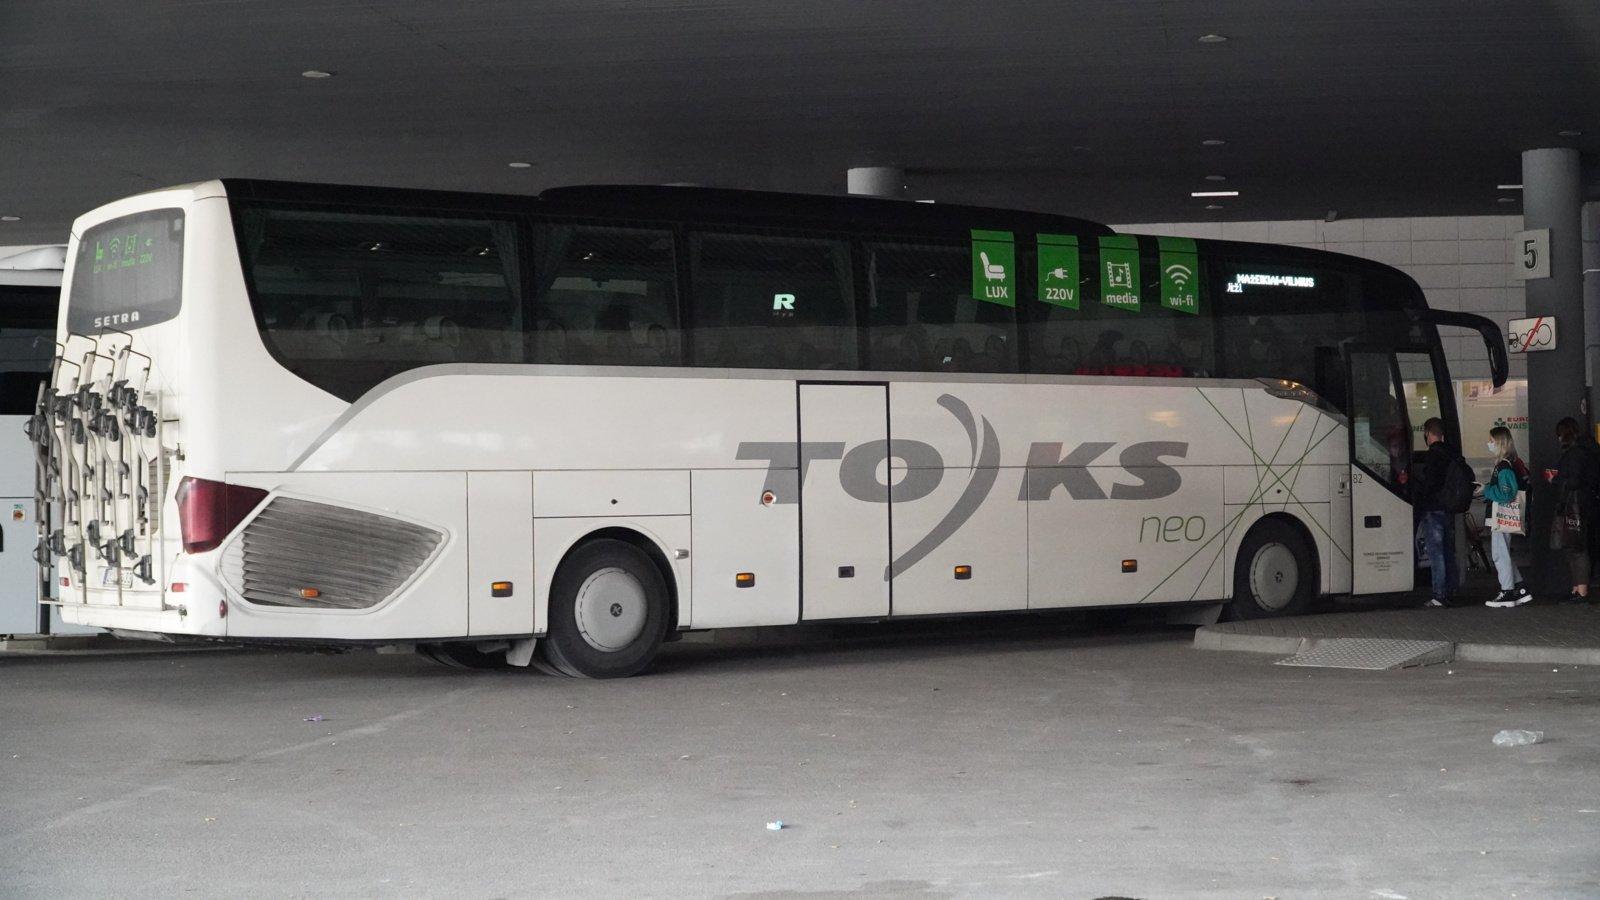 Pandemija daugiau nei trečdaliu apkarpė autobusų reisų